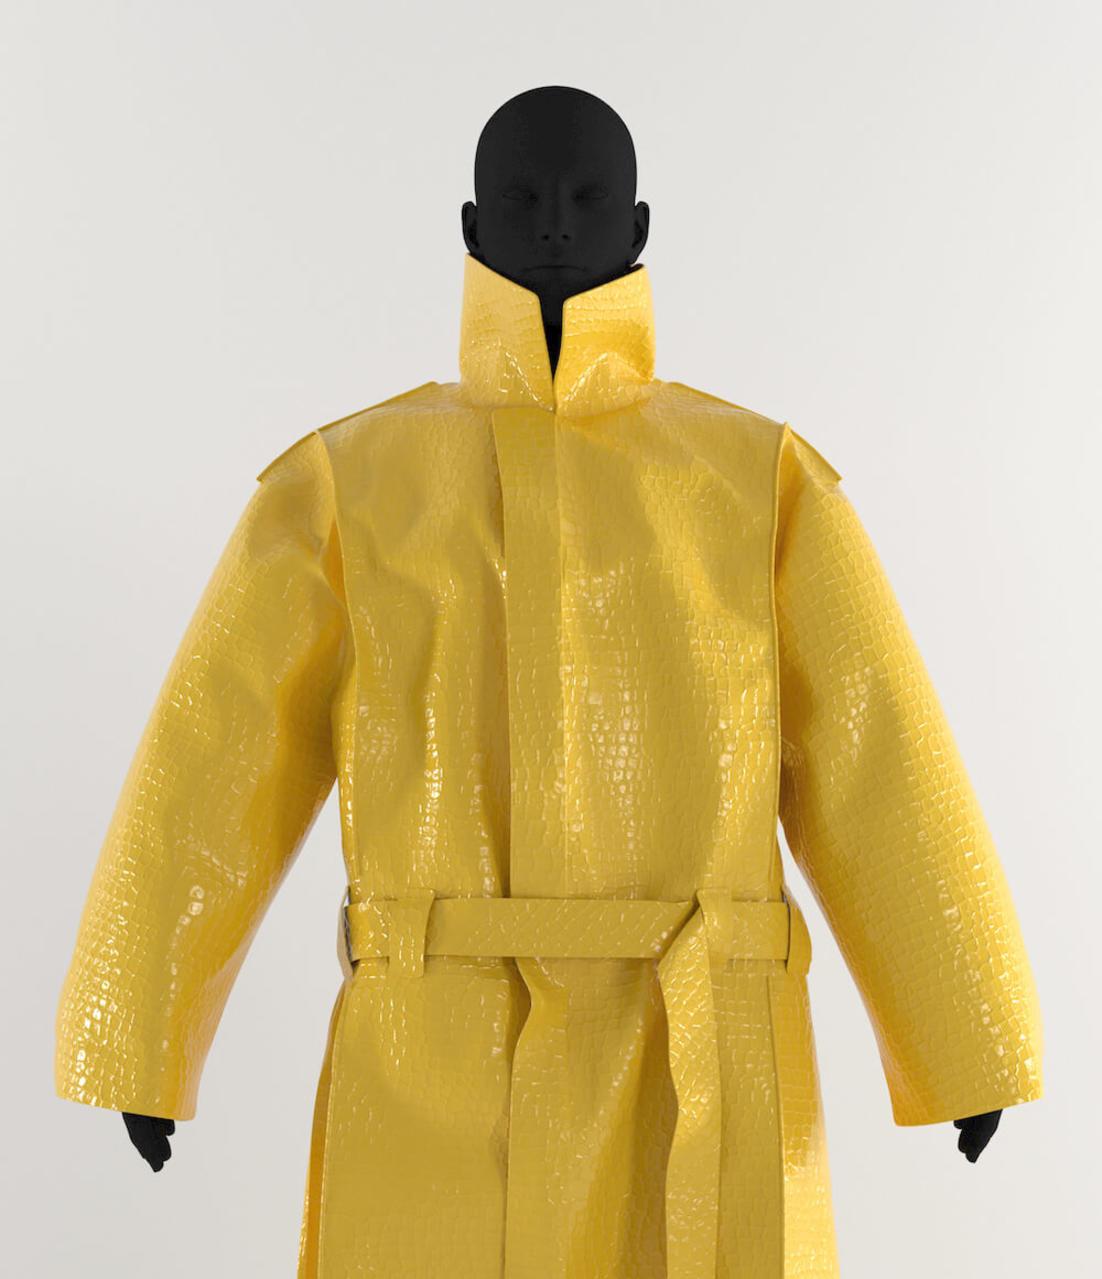 желтое пальто.jpg